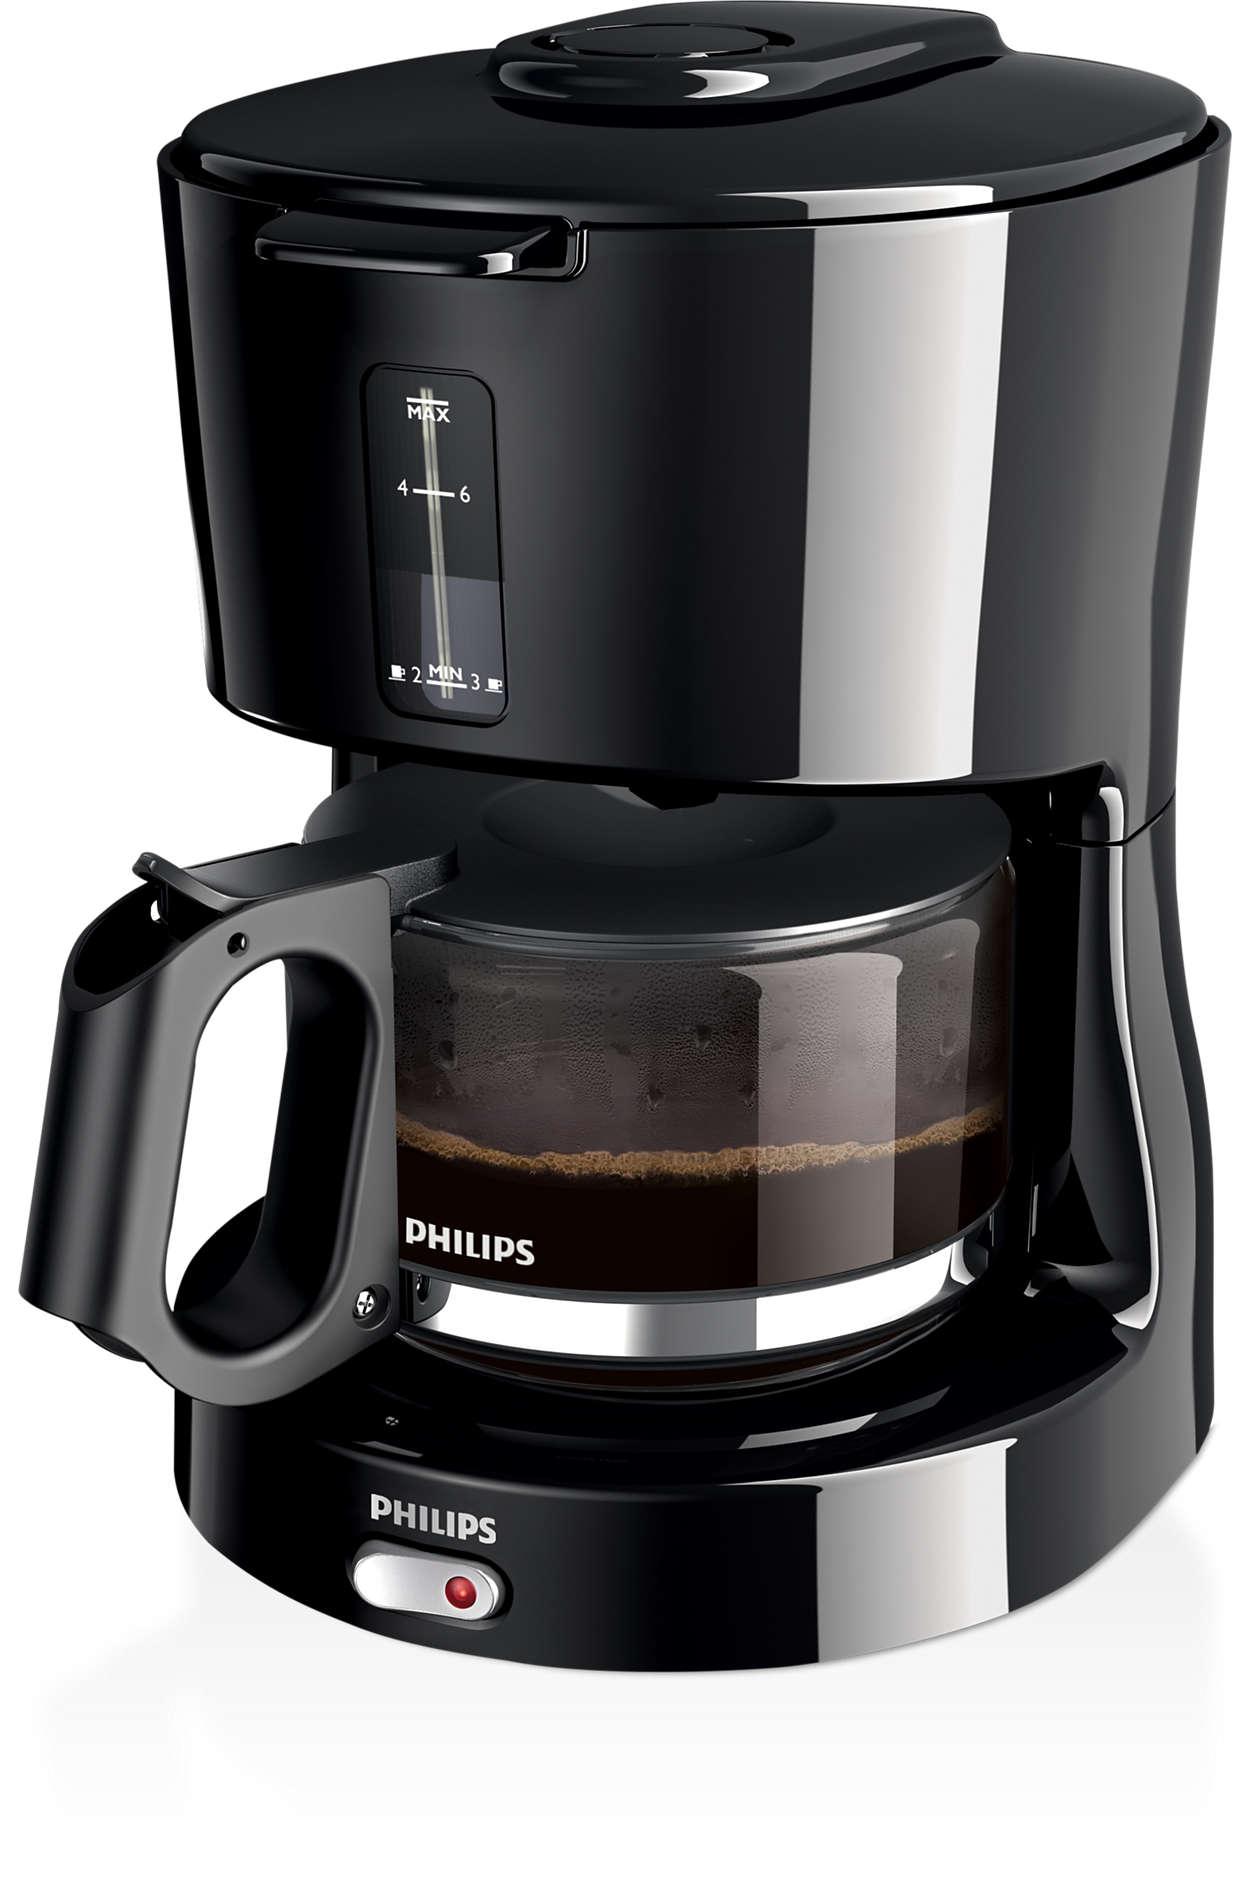 輕鬆準備香醇的滴漏濾煮式咖啡